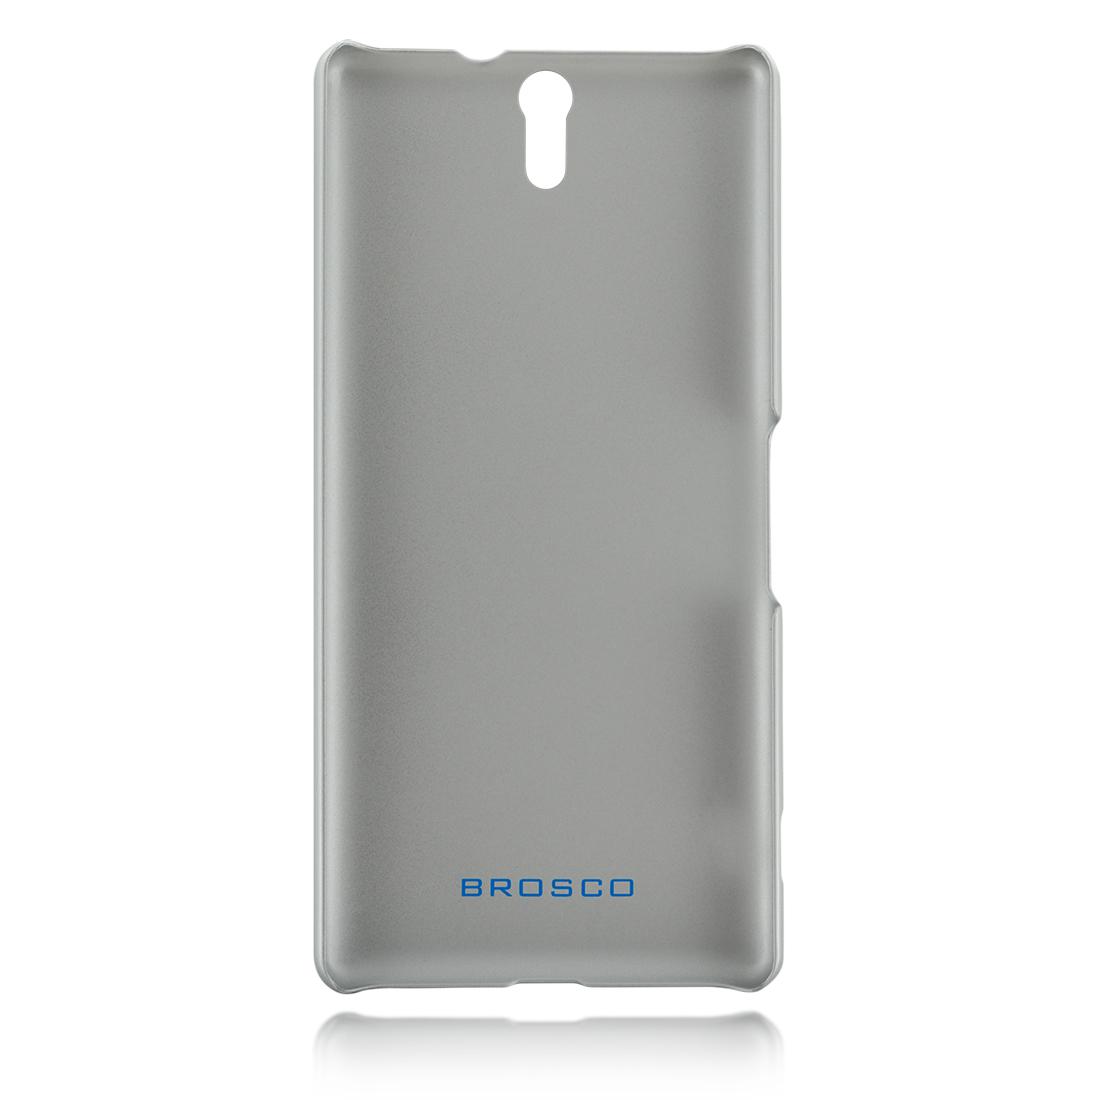 Пластиковая накладка серебристая для Xperia C5 Ultra в Sony Centre Воронеж